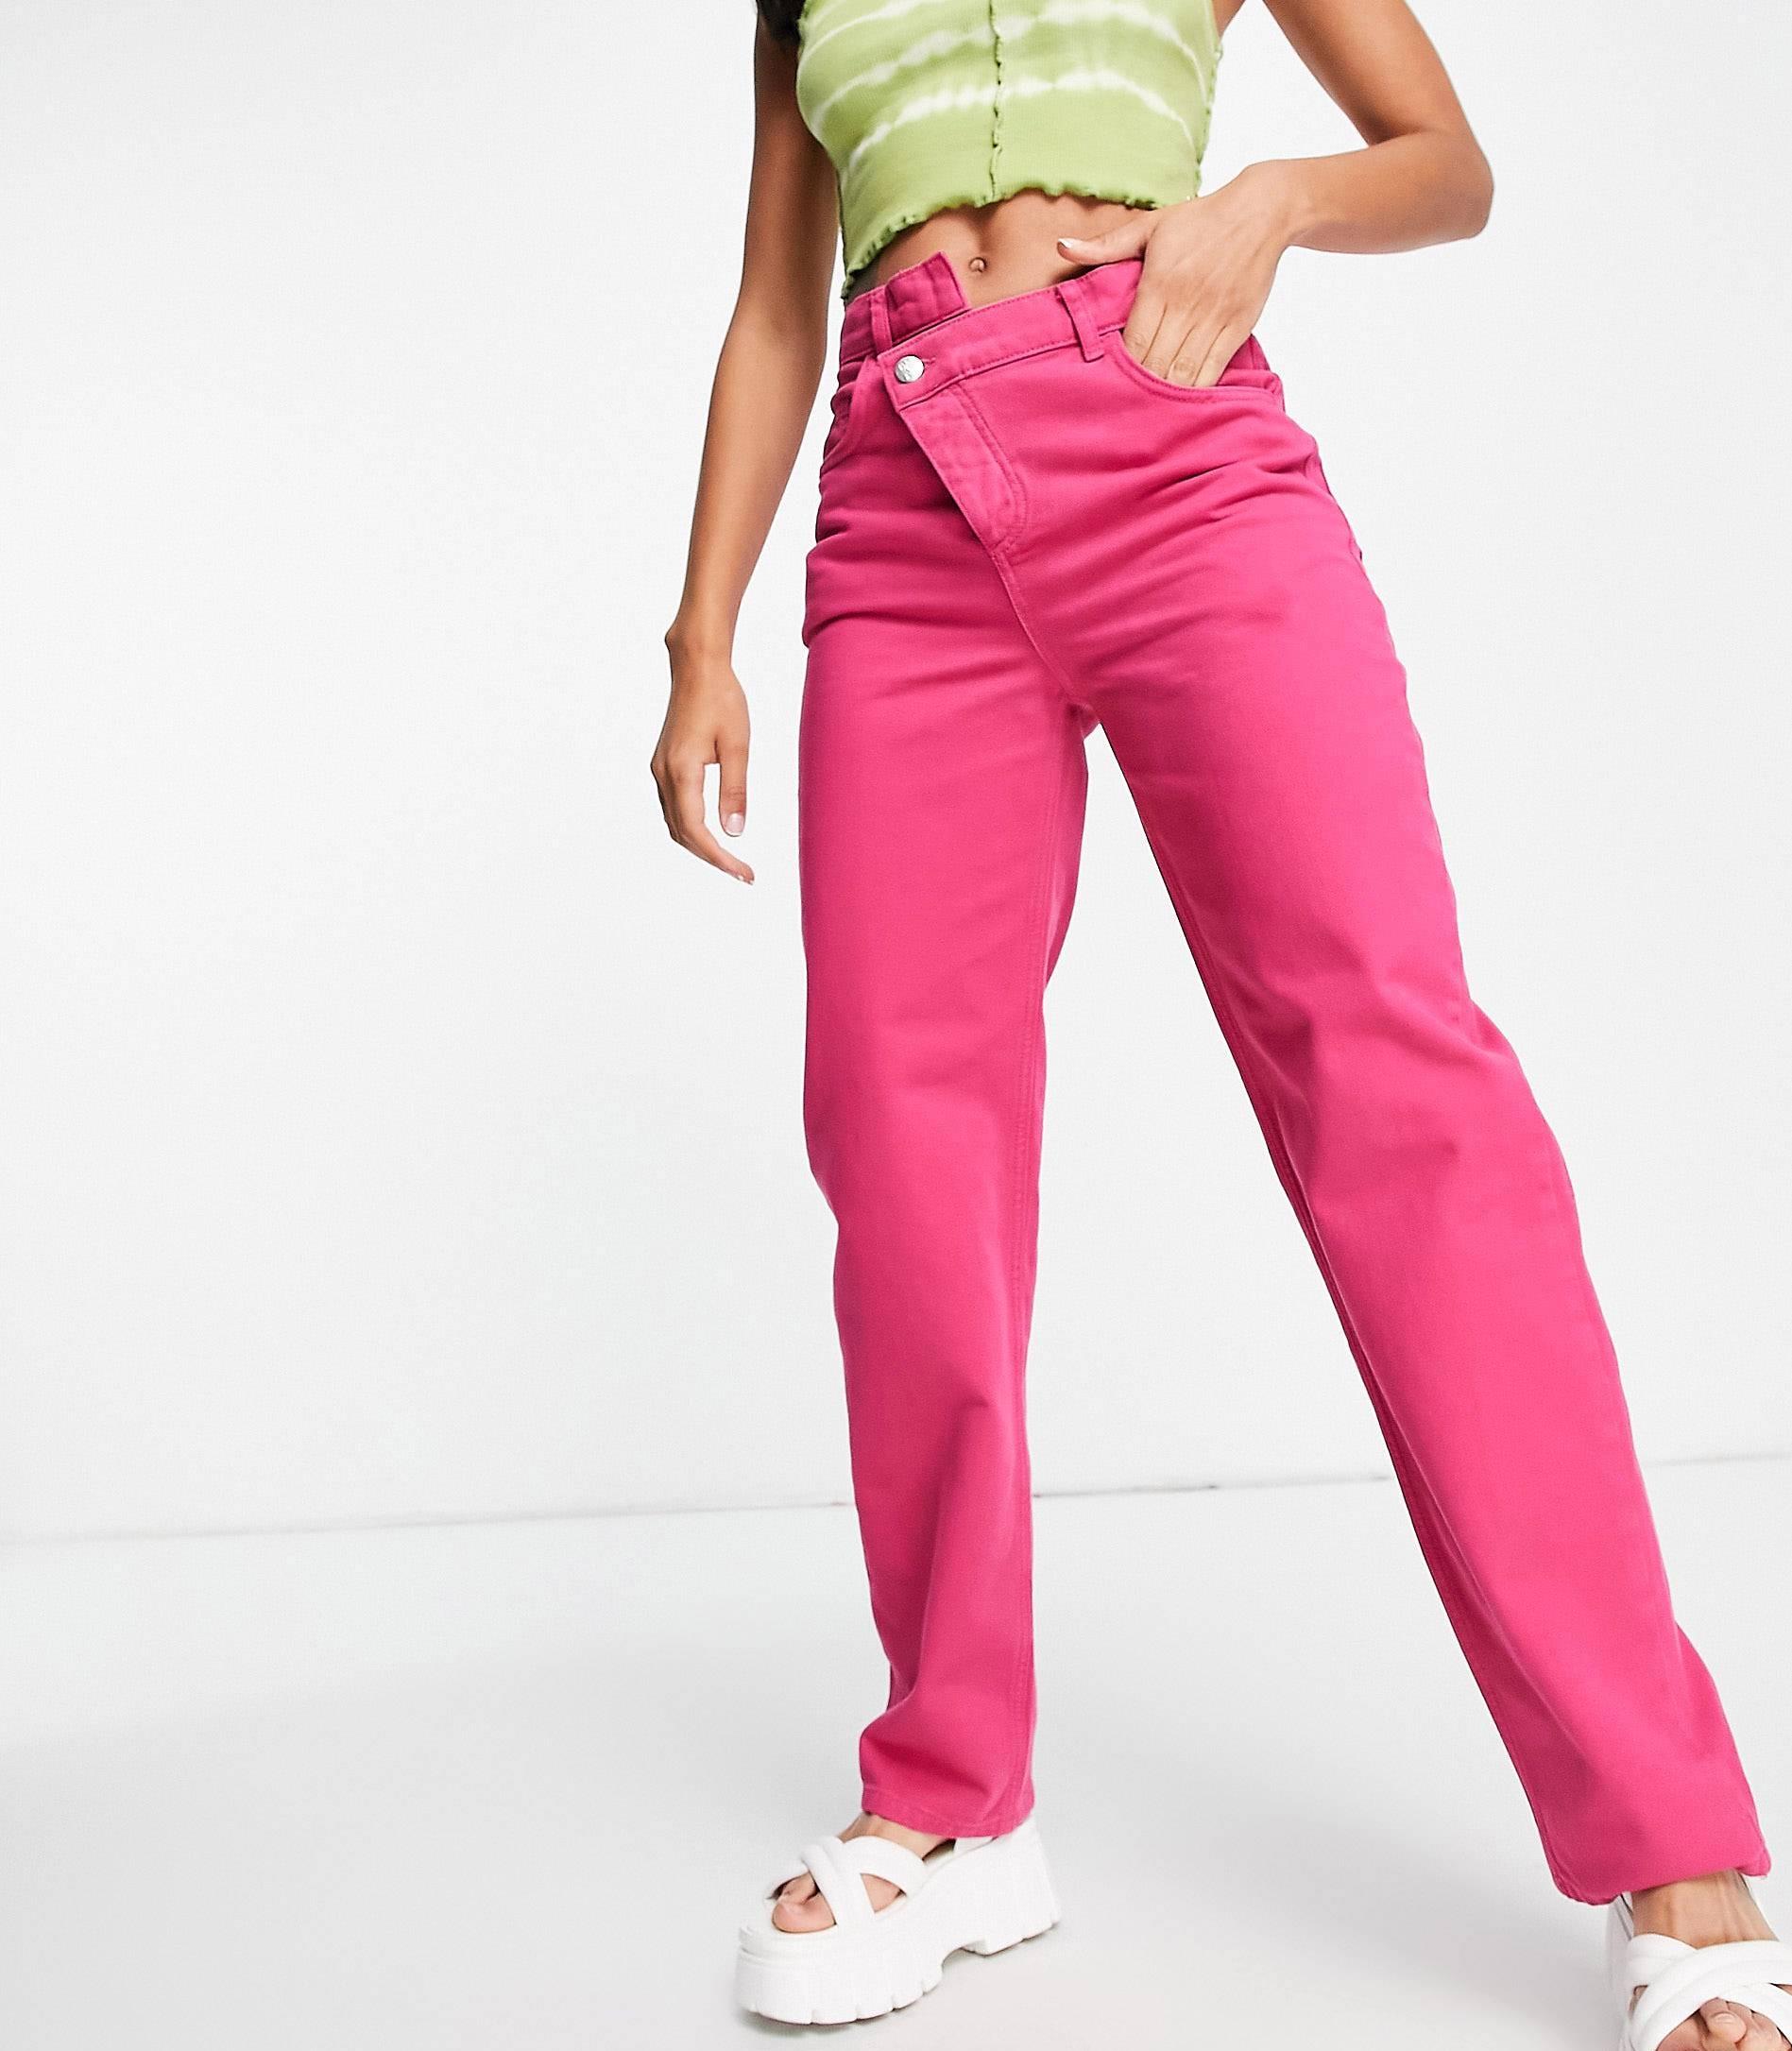 Vaqueros dad rosas con cintura escalonada de estilo años 90.